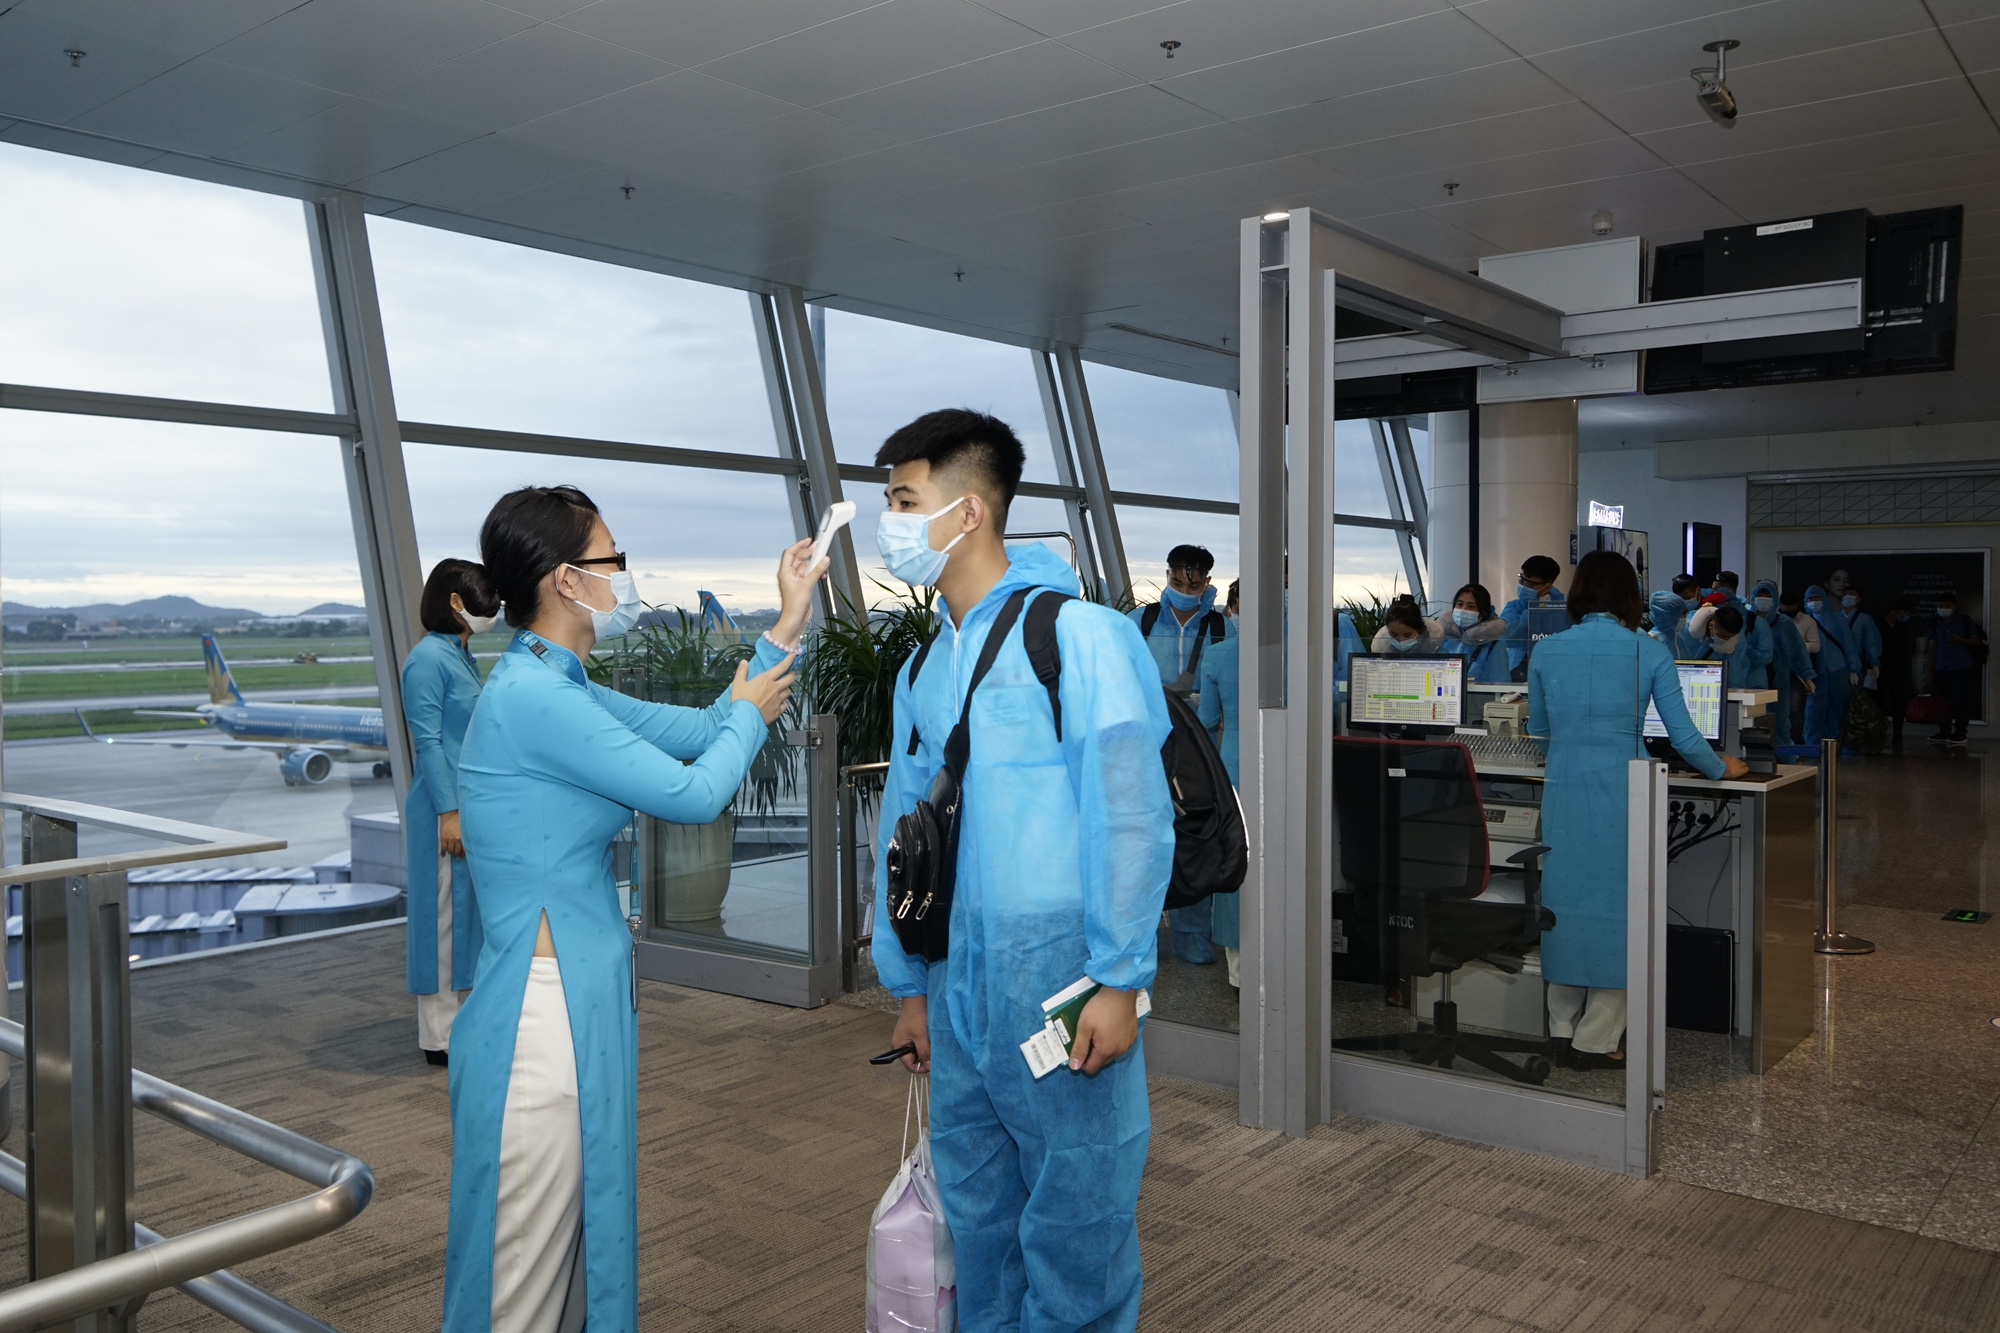 Vietnam Airlines cho phép tổ bay chưa hết hạn cách ly có thể phục vụ chuyến bay. - Ảnh 1.